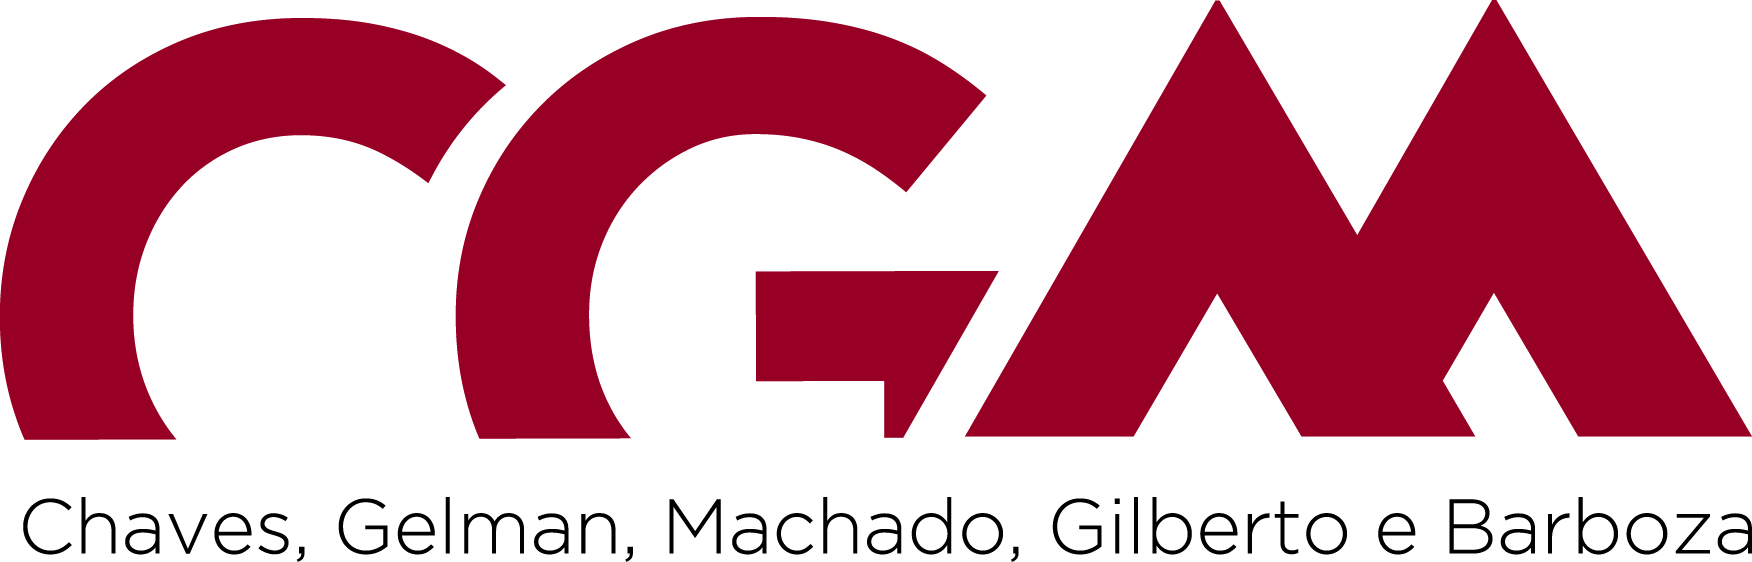 CGM Advogados